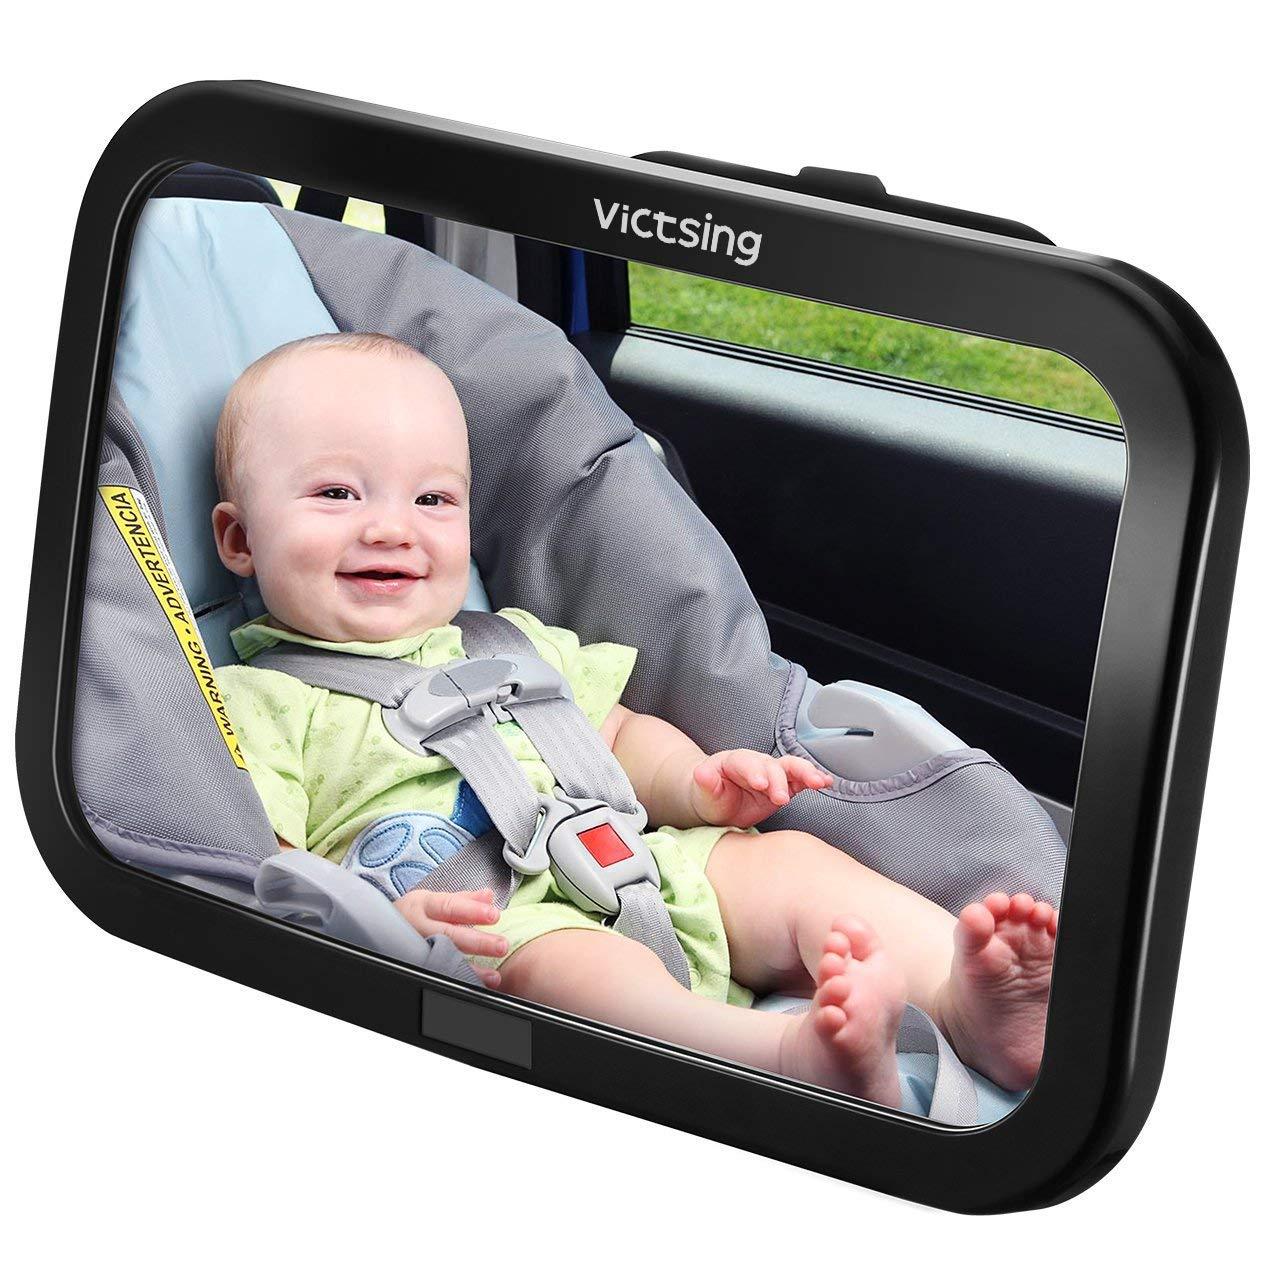 Espejo Retrovisor Coche de VicTsing para Vigilar al Bebé en el Coche, 360° Ajustable